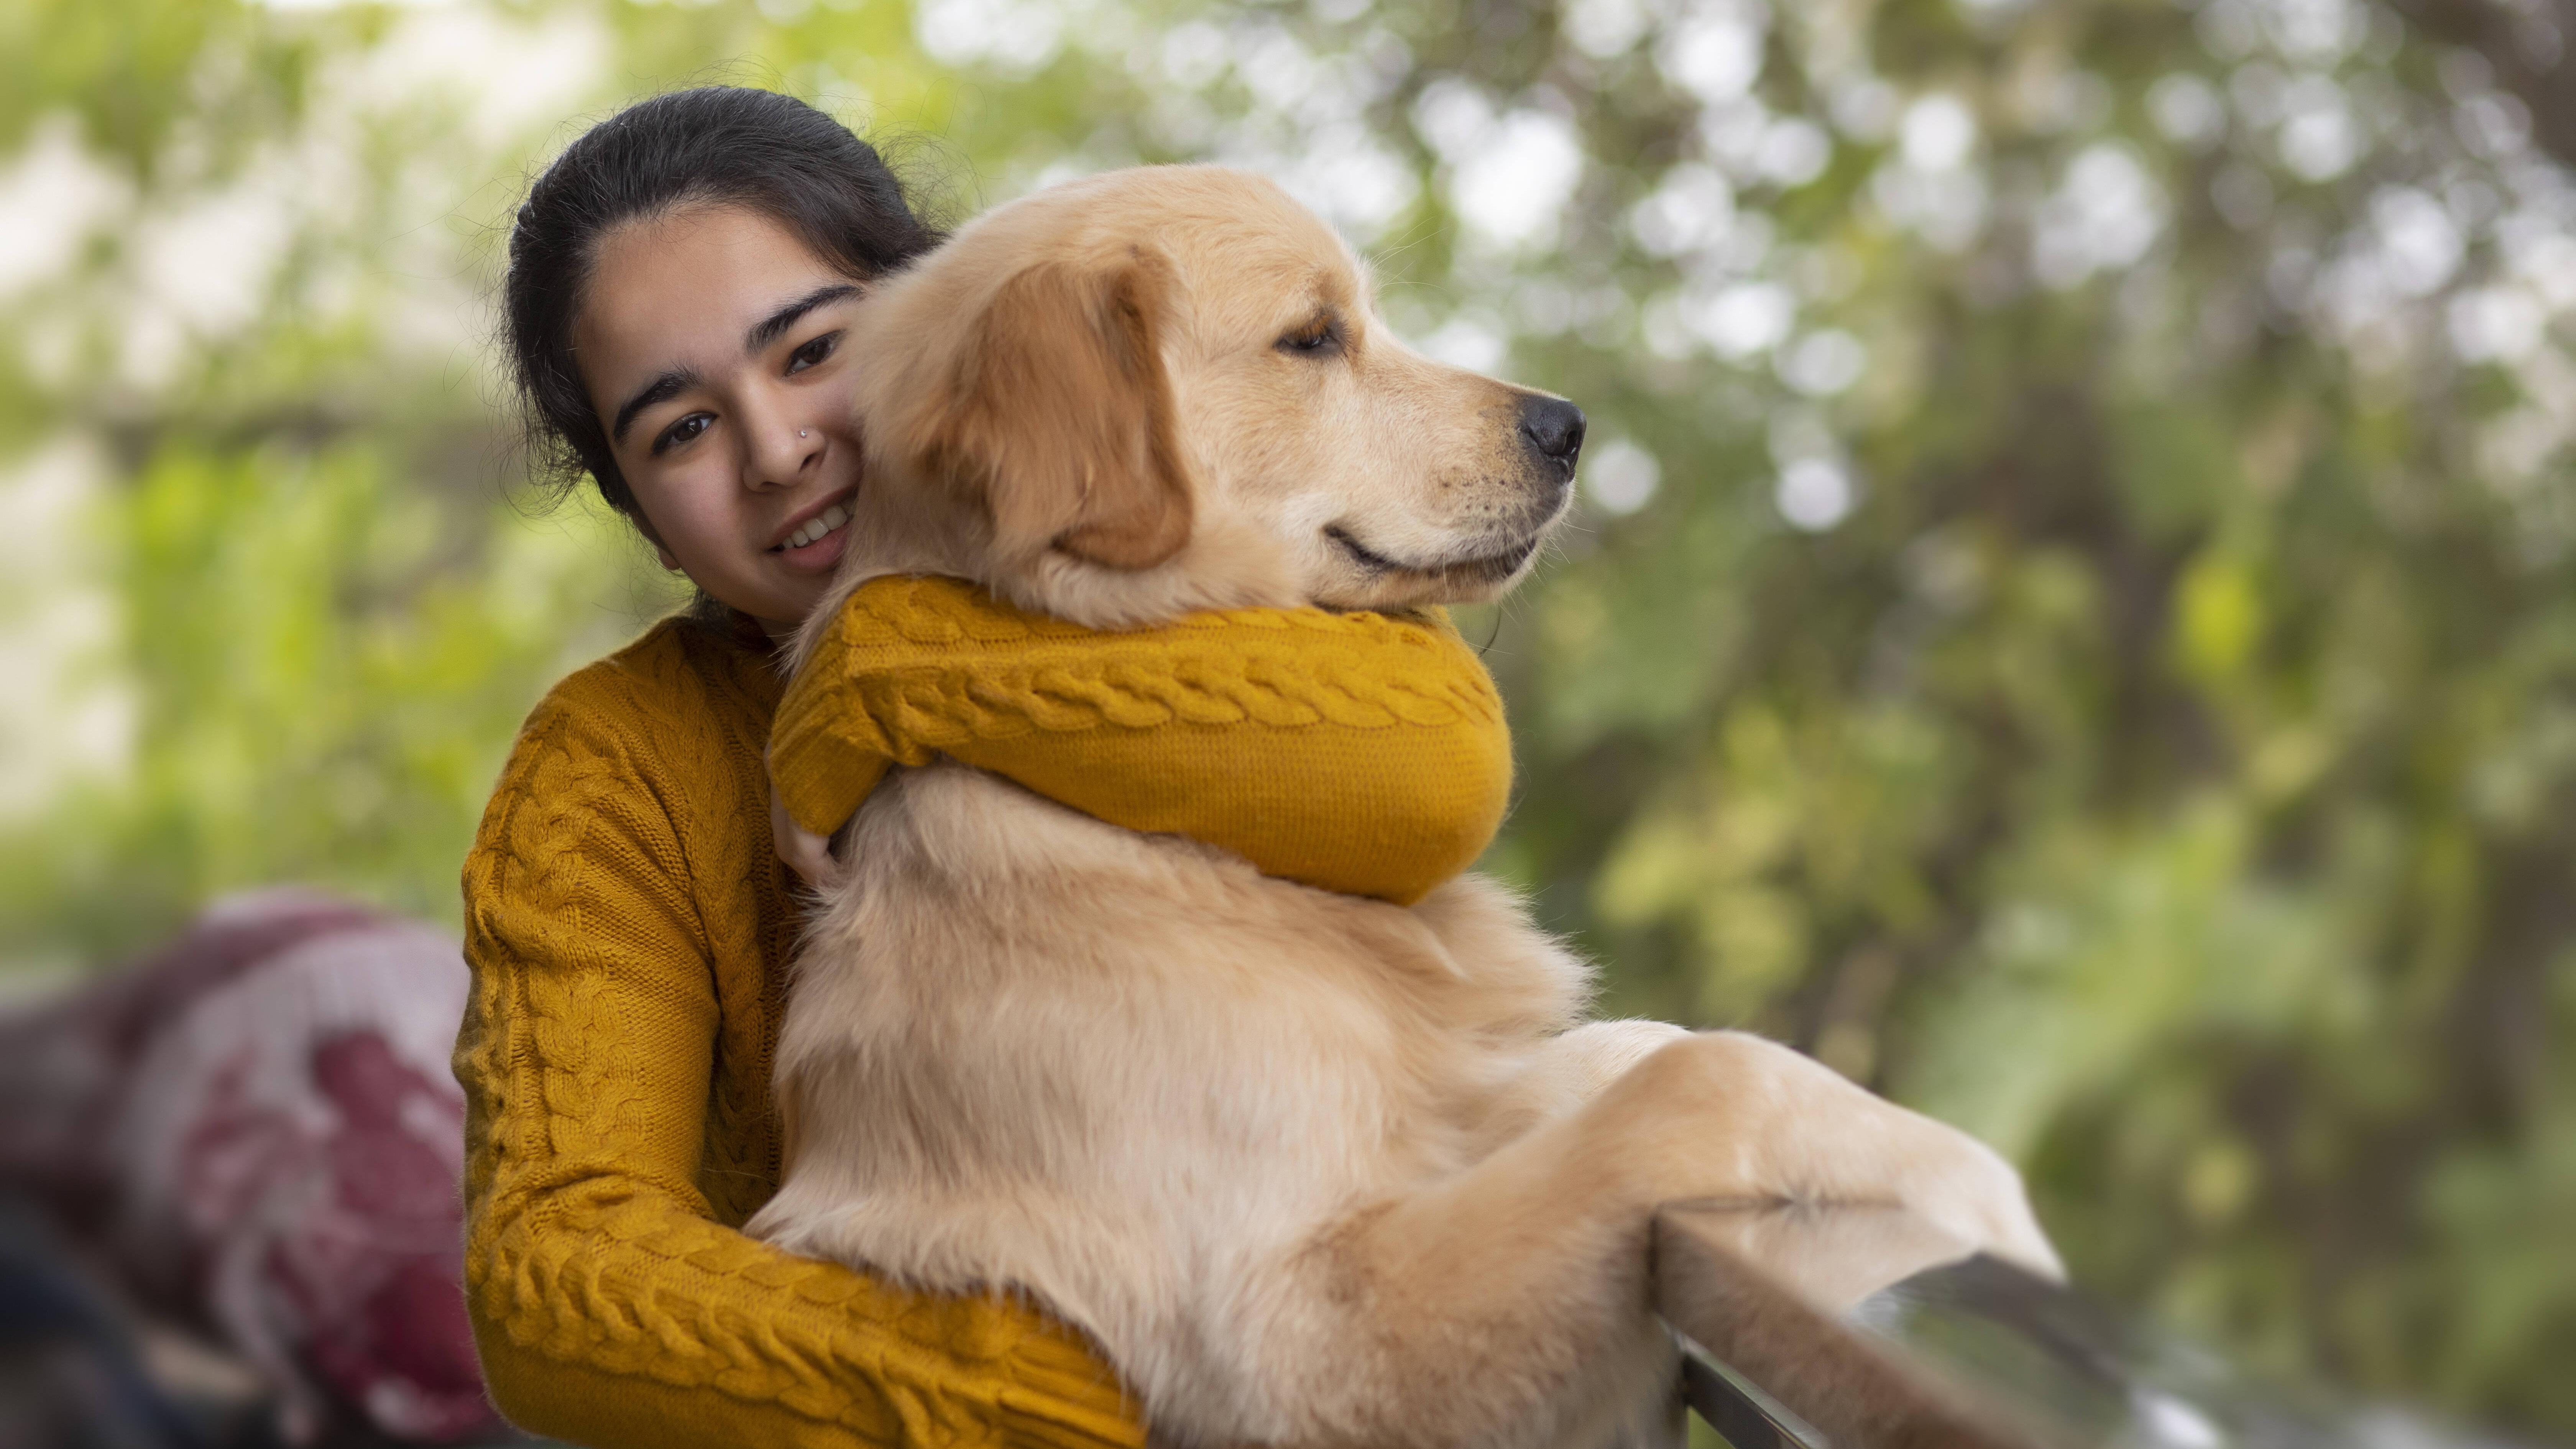 Einen Hund zu streicheln baut Stress bei Mensch und Tier ab. Das ist wissenschaftlich belegt. Hunde werden deshalb auch häufig zu Therapiezwecken eingesetzt.